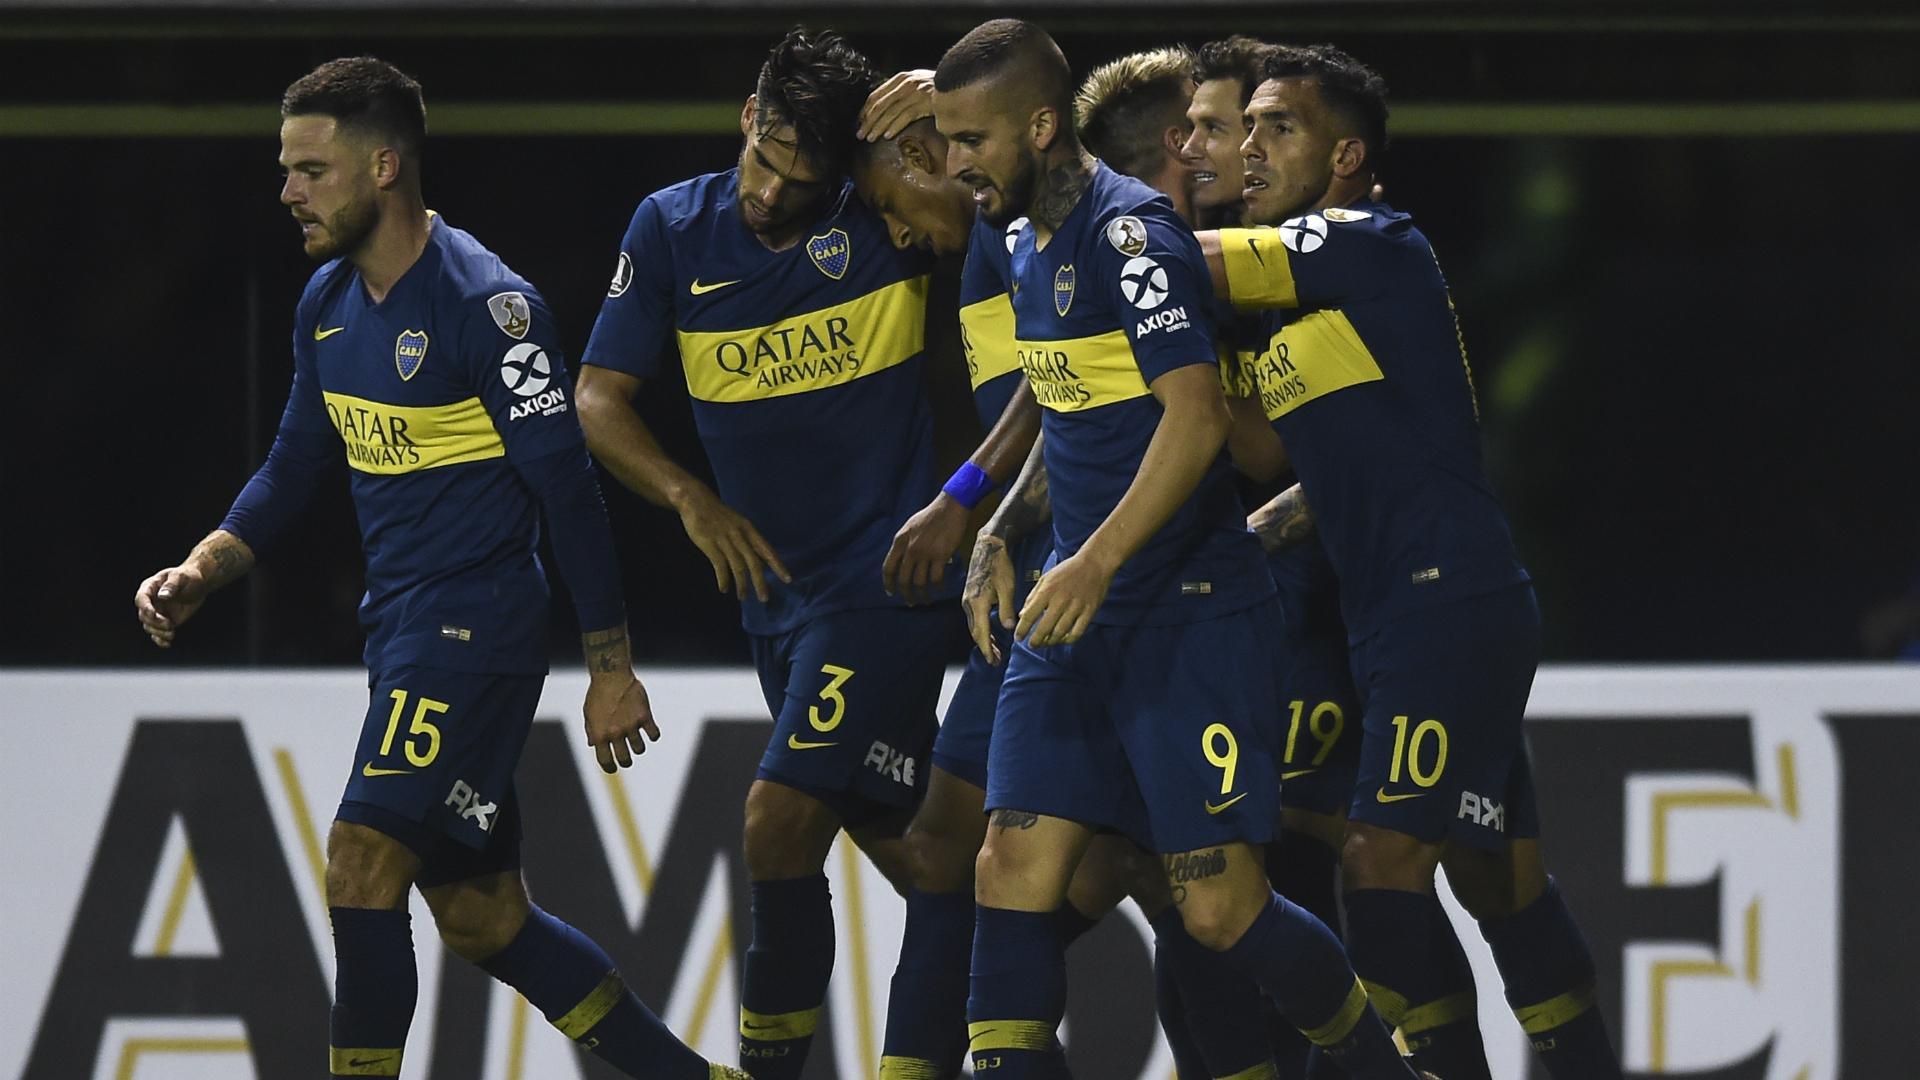 Copa Libertadores Review: Boca win, Goulart inspires Palmeiras